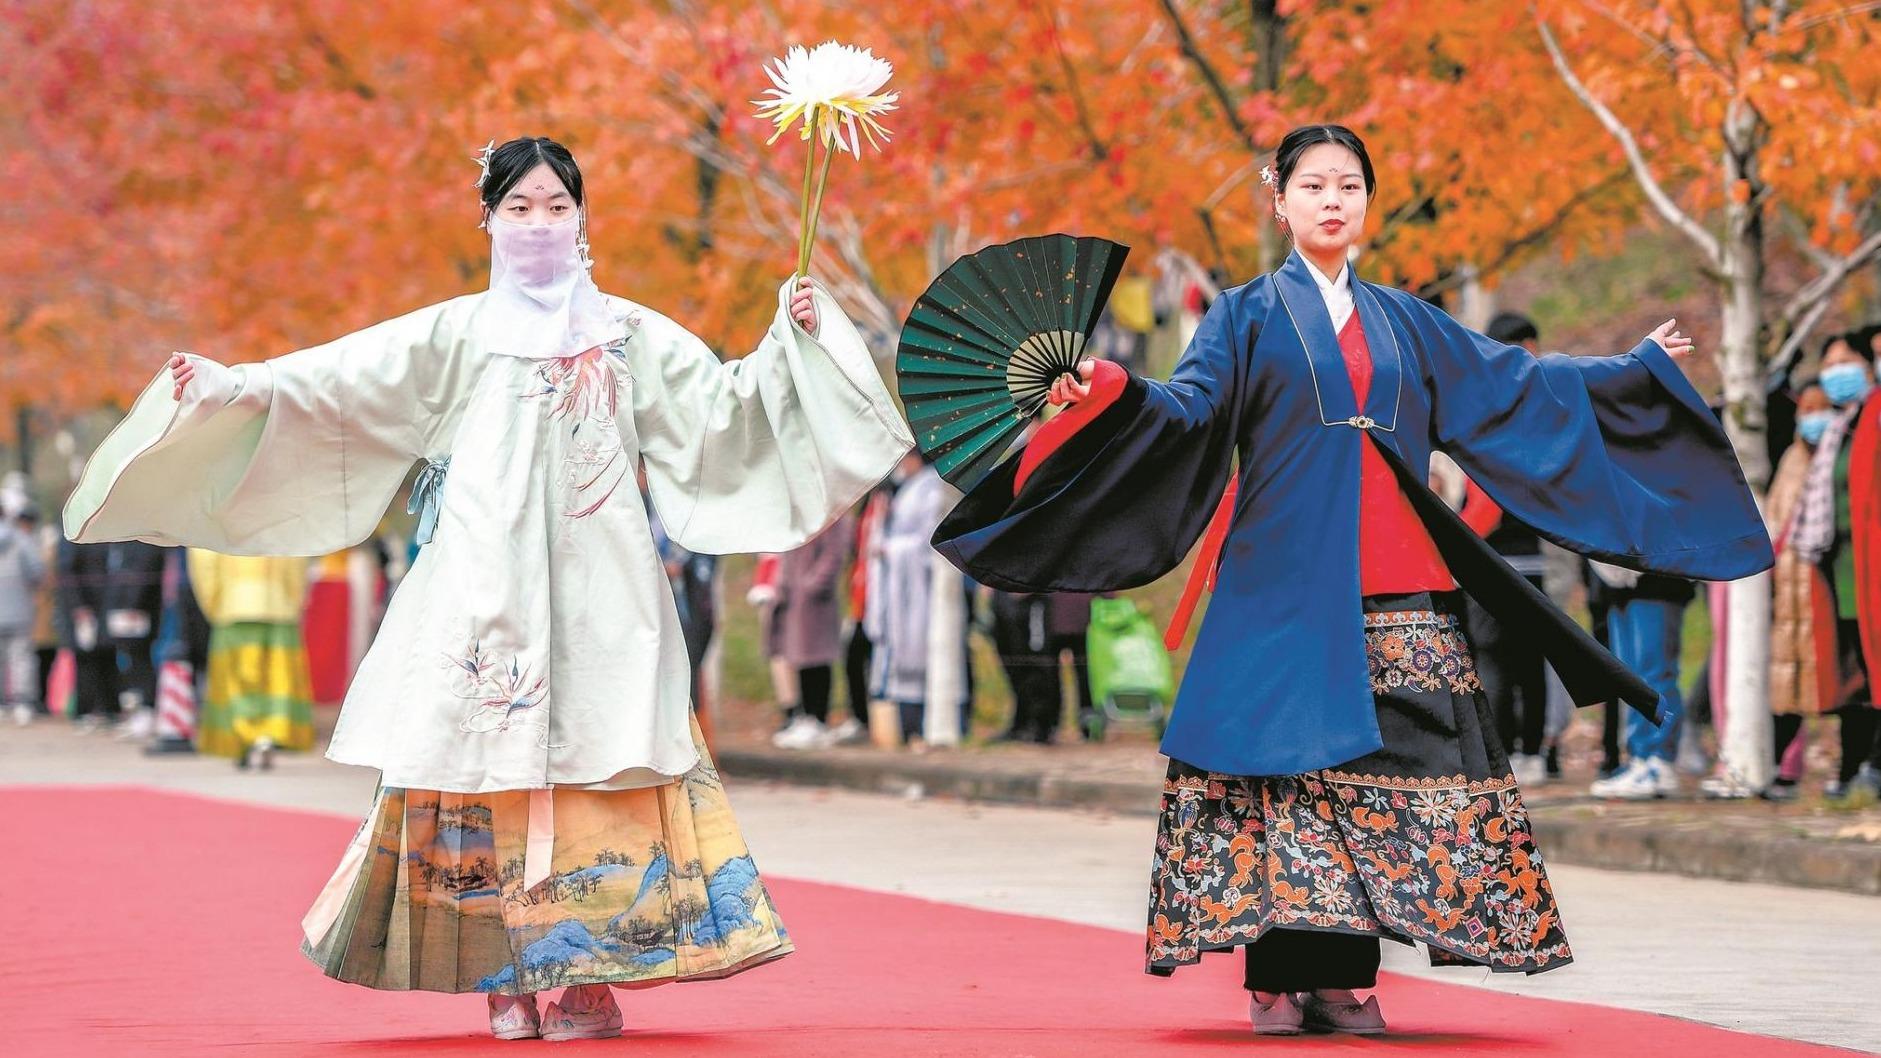 美枫了!武汉高校举办红枫文化节